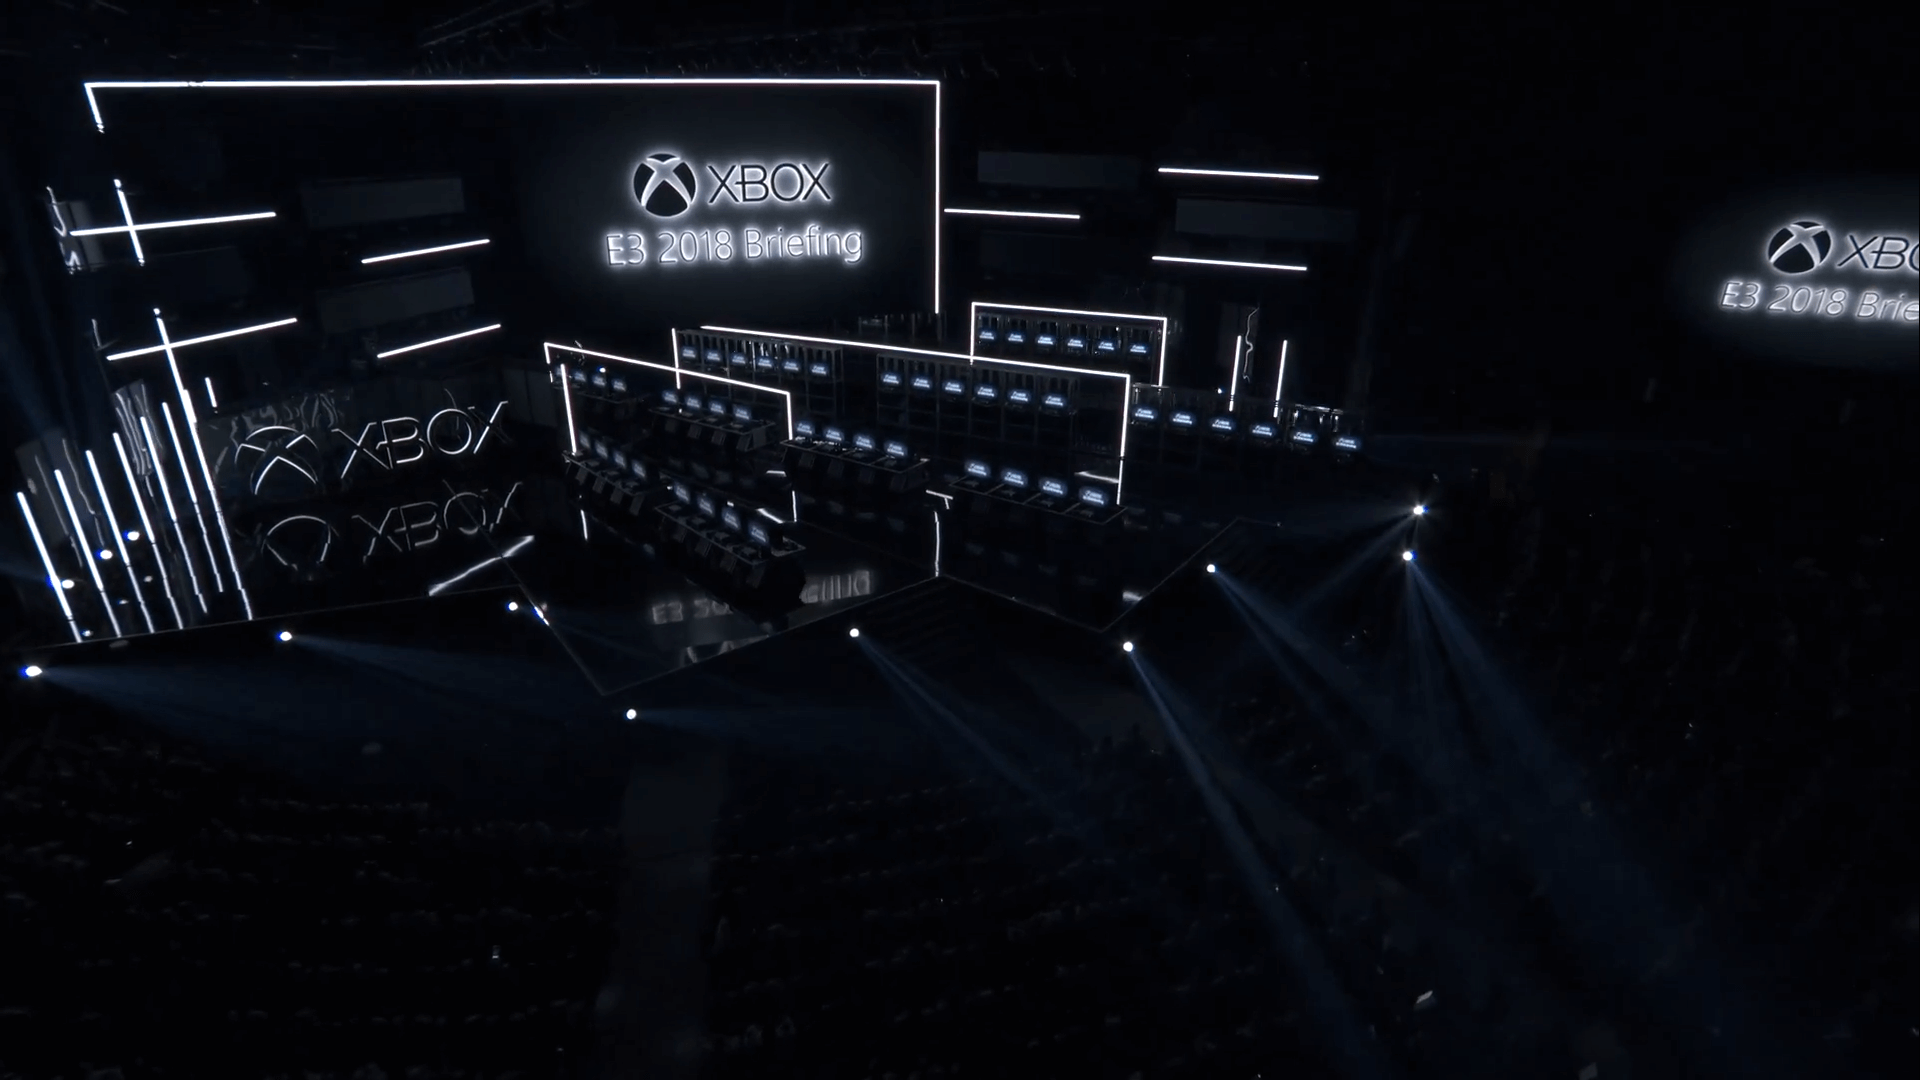 Captura de Tela 69 - E3 2018: resumo da conferência da Microsoft e todos os jogos apresentados